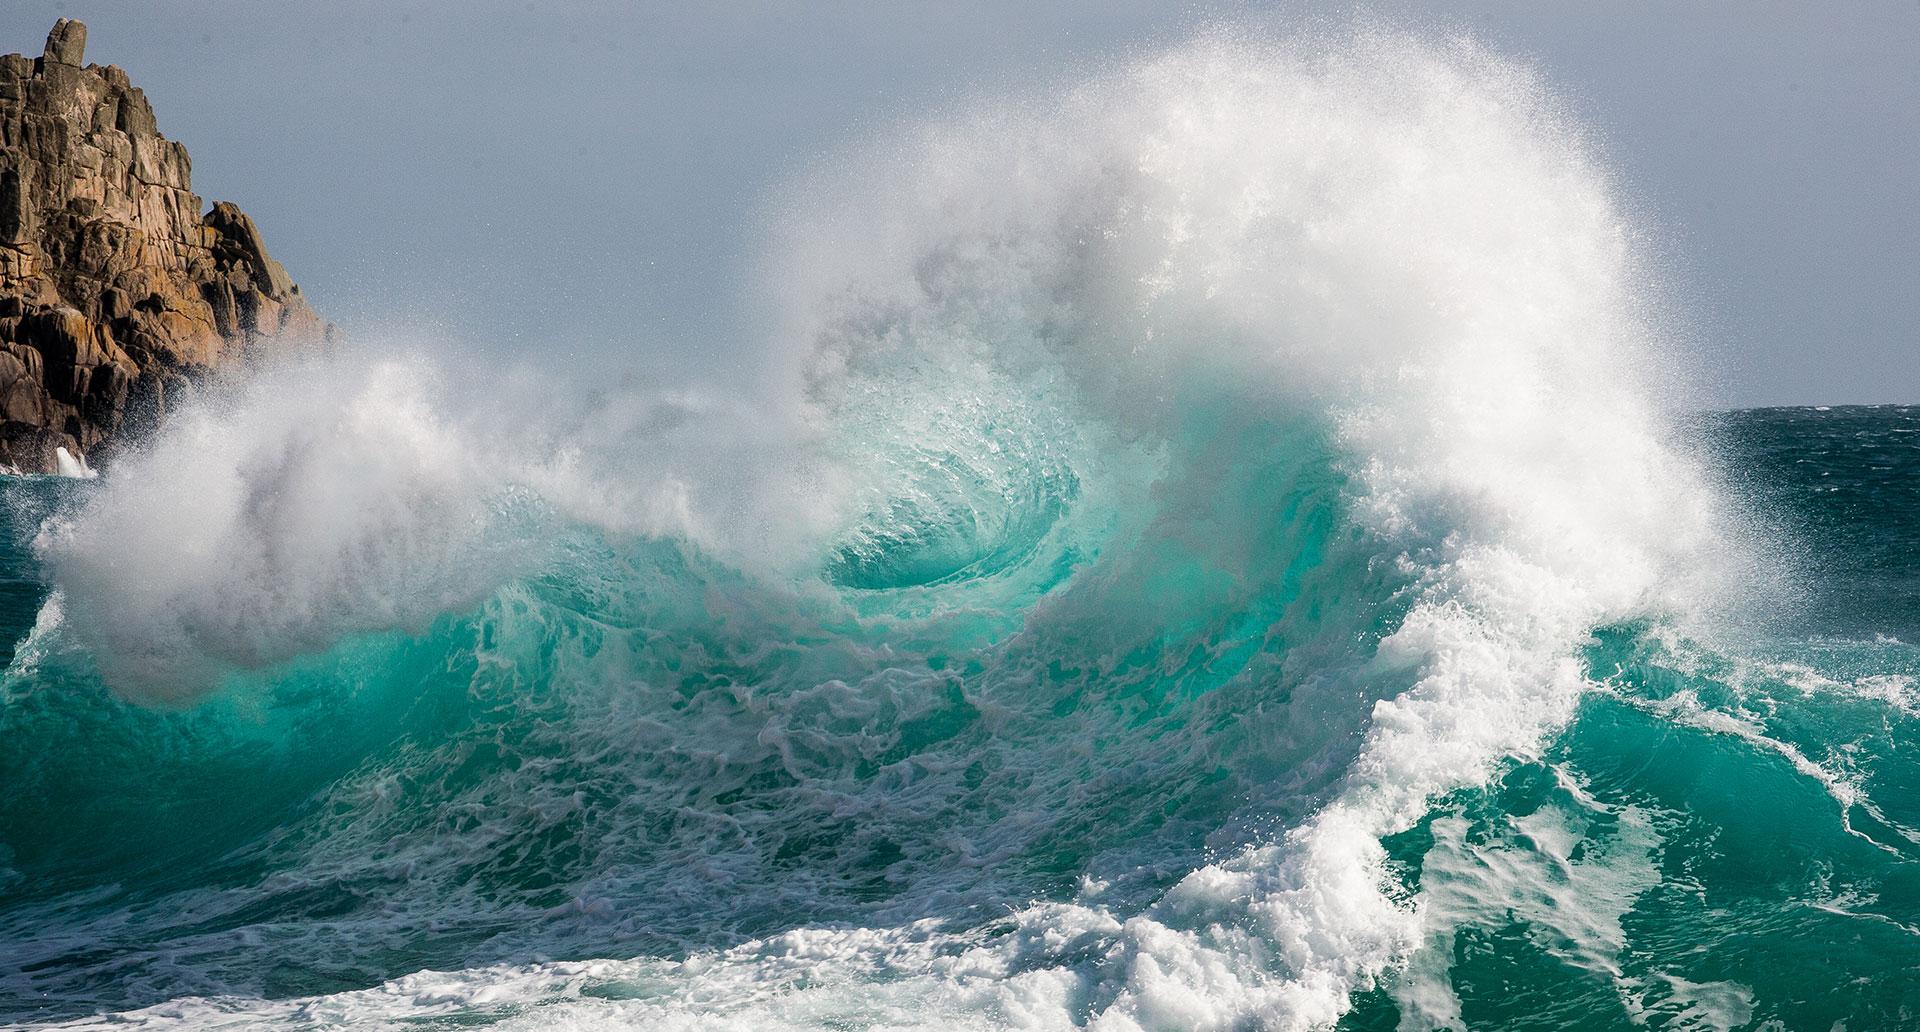 mare onda da surf in canoa